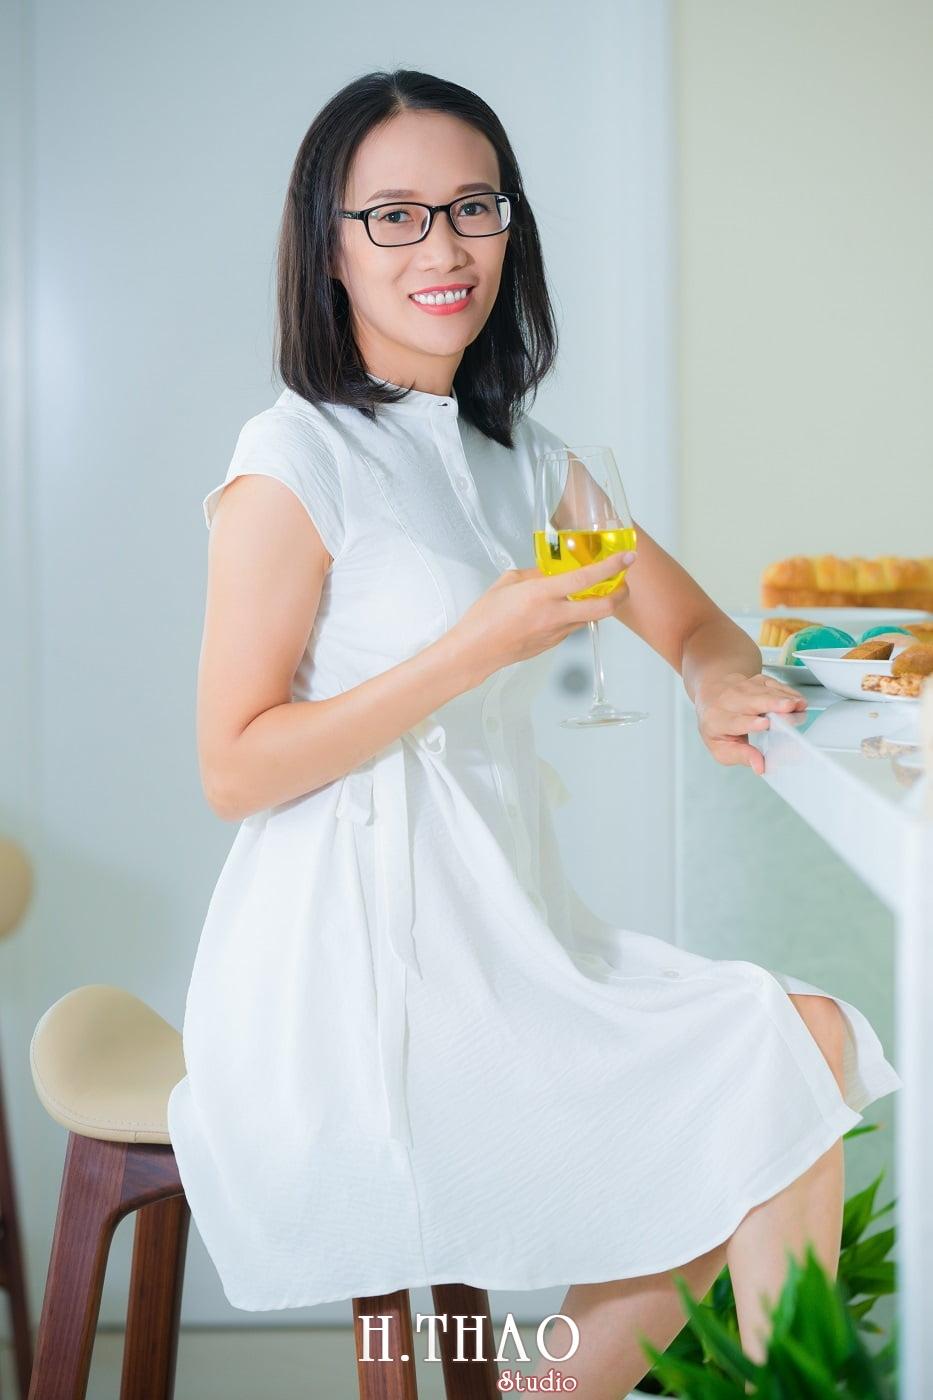 Anh chi Ngoc 23 min - Góc ảnh chụp indoor đơn giản mà đẹp – HThao Studio